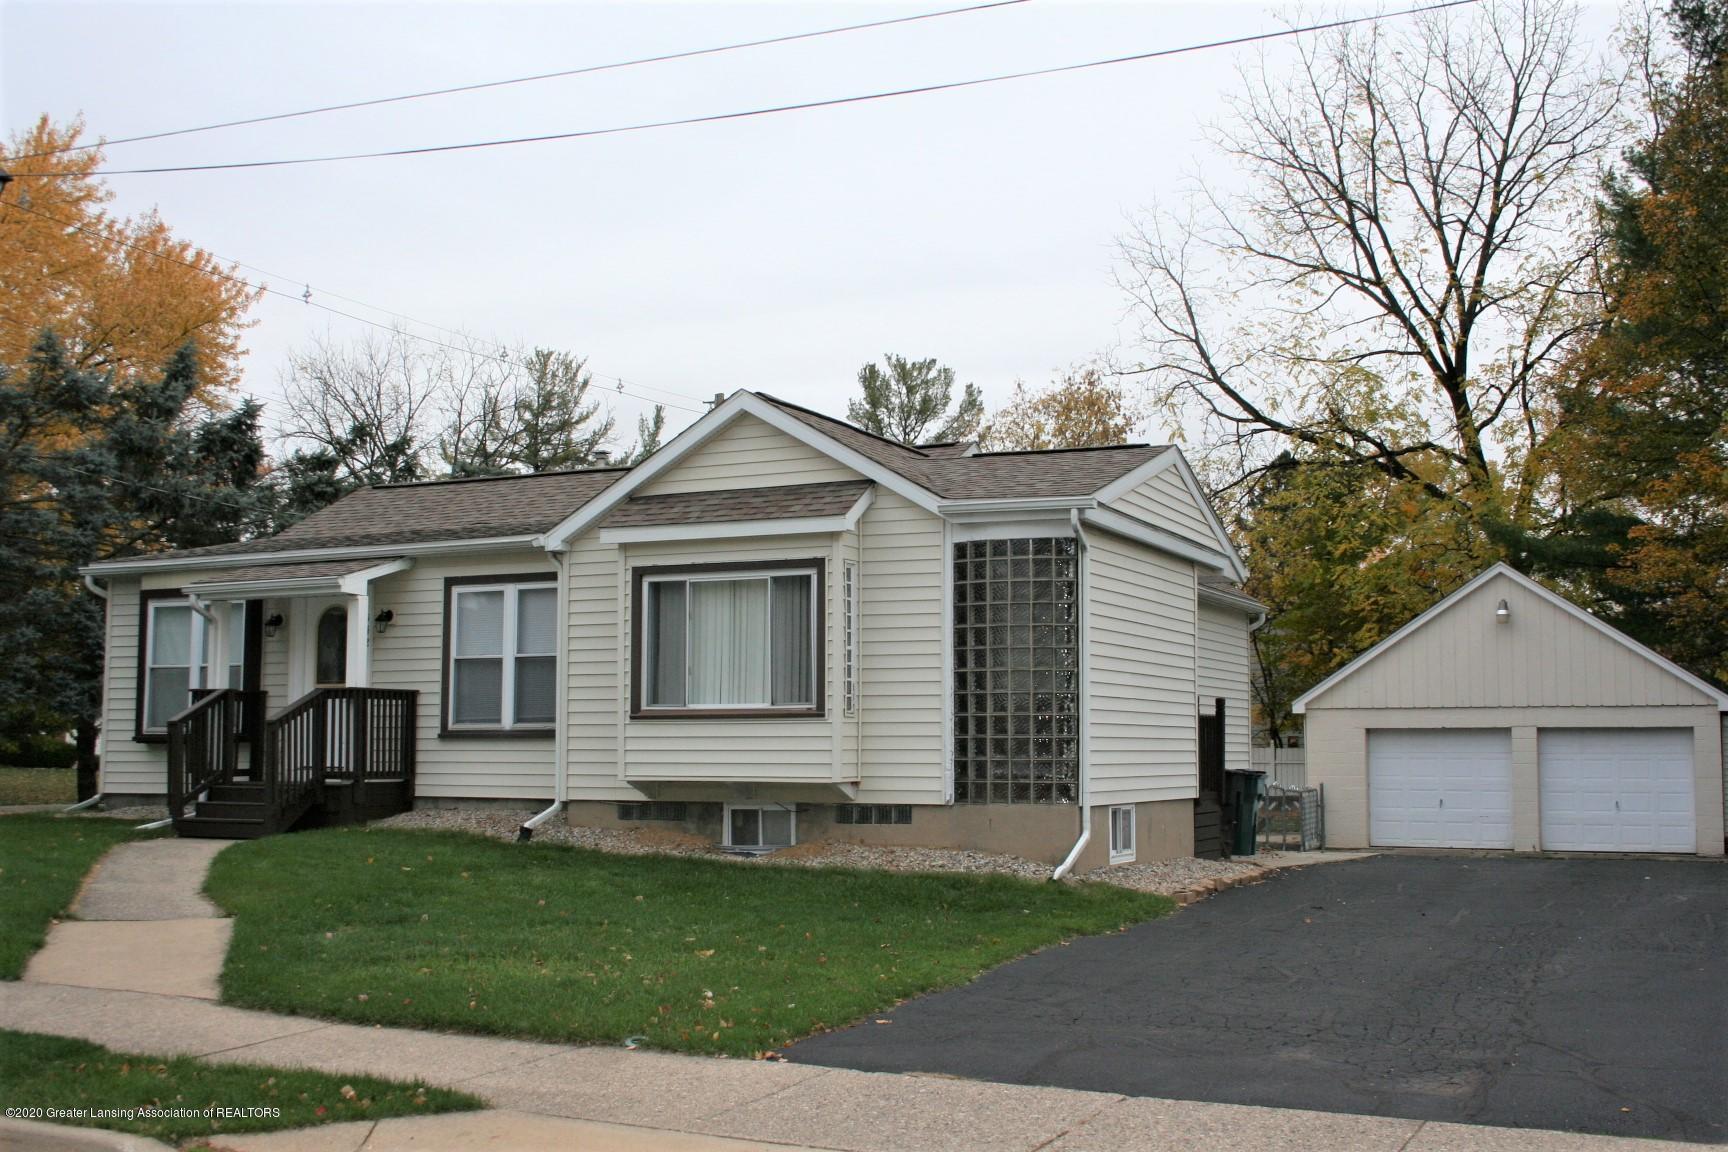 542 Wayland Ave - 542 Wayland front pic - 1